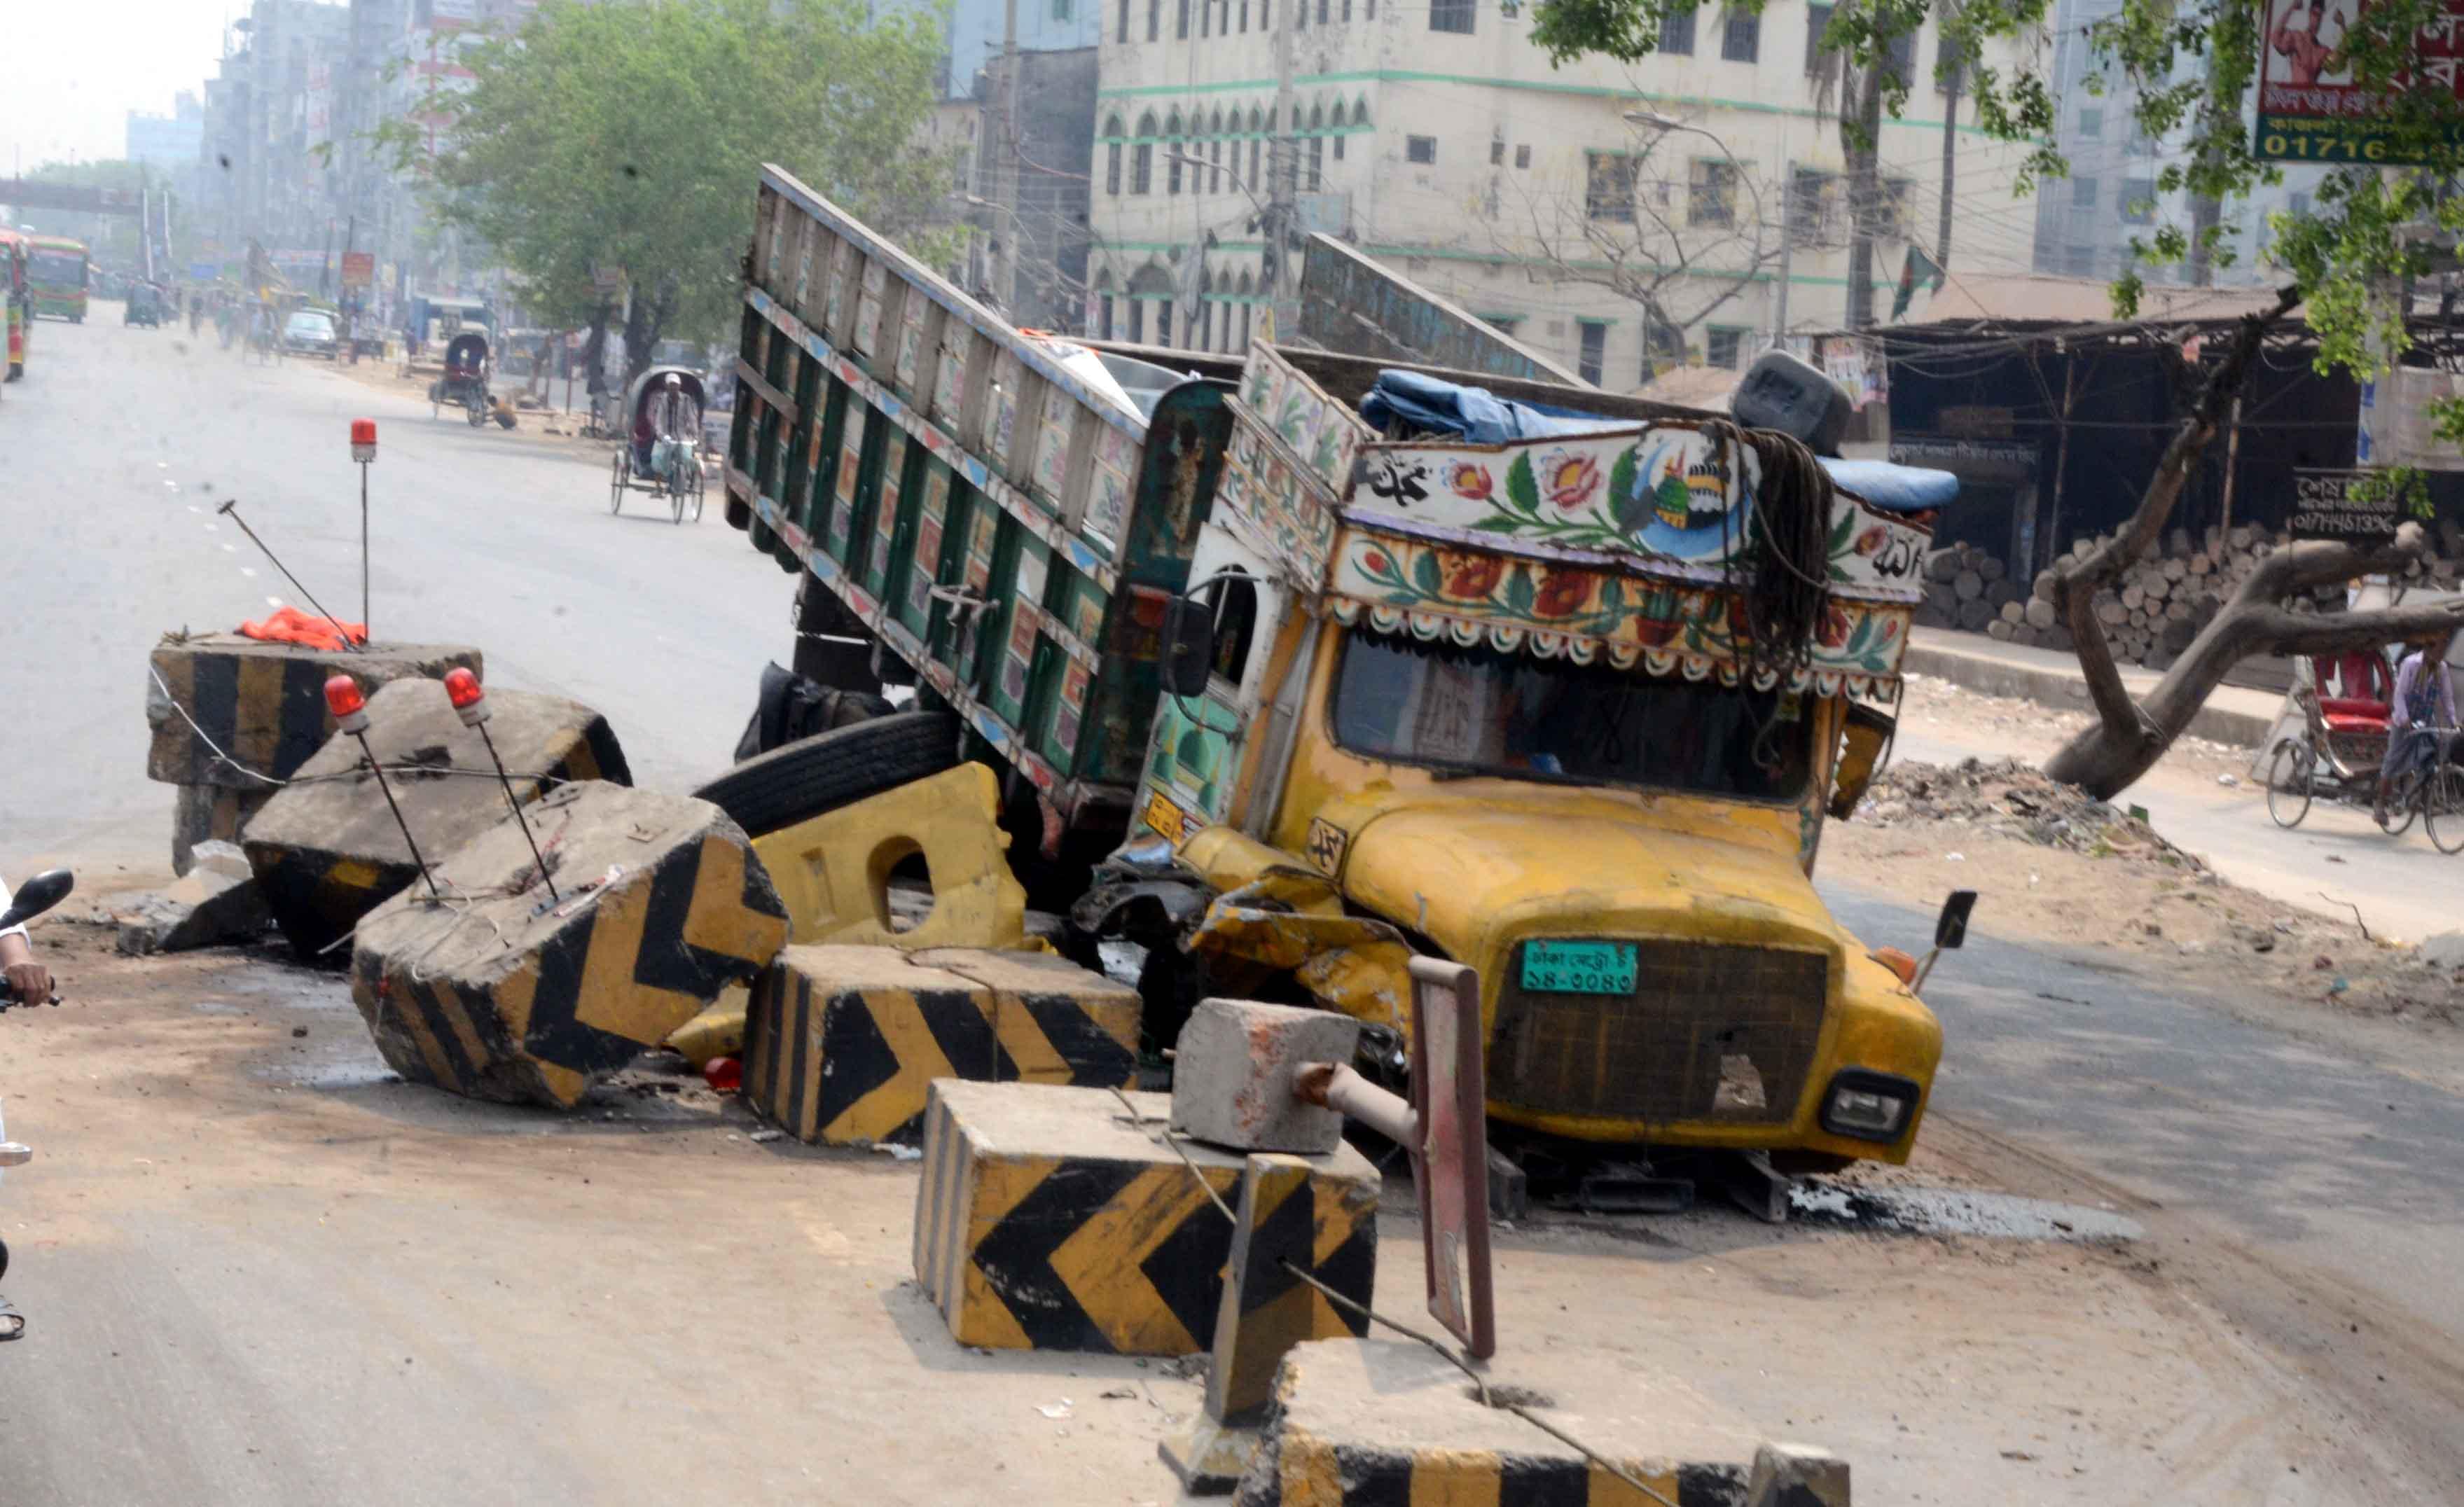 রাজধানীর ঢাকা চট্টগ্রাম মহাসড়কের কুতুবখালী নিয়ন্ত্রণ হারিয়ে একটি ট্রাক ডিভাইডারের উপরেে উঠে যায়